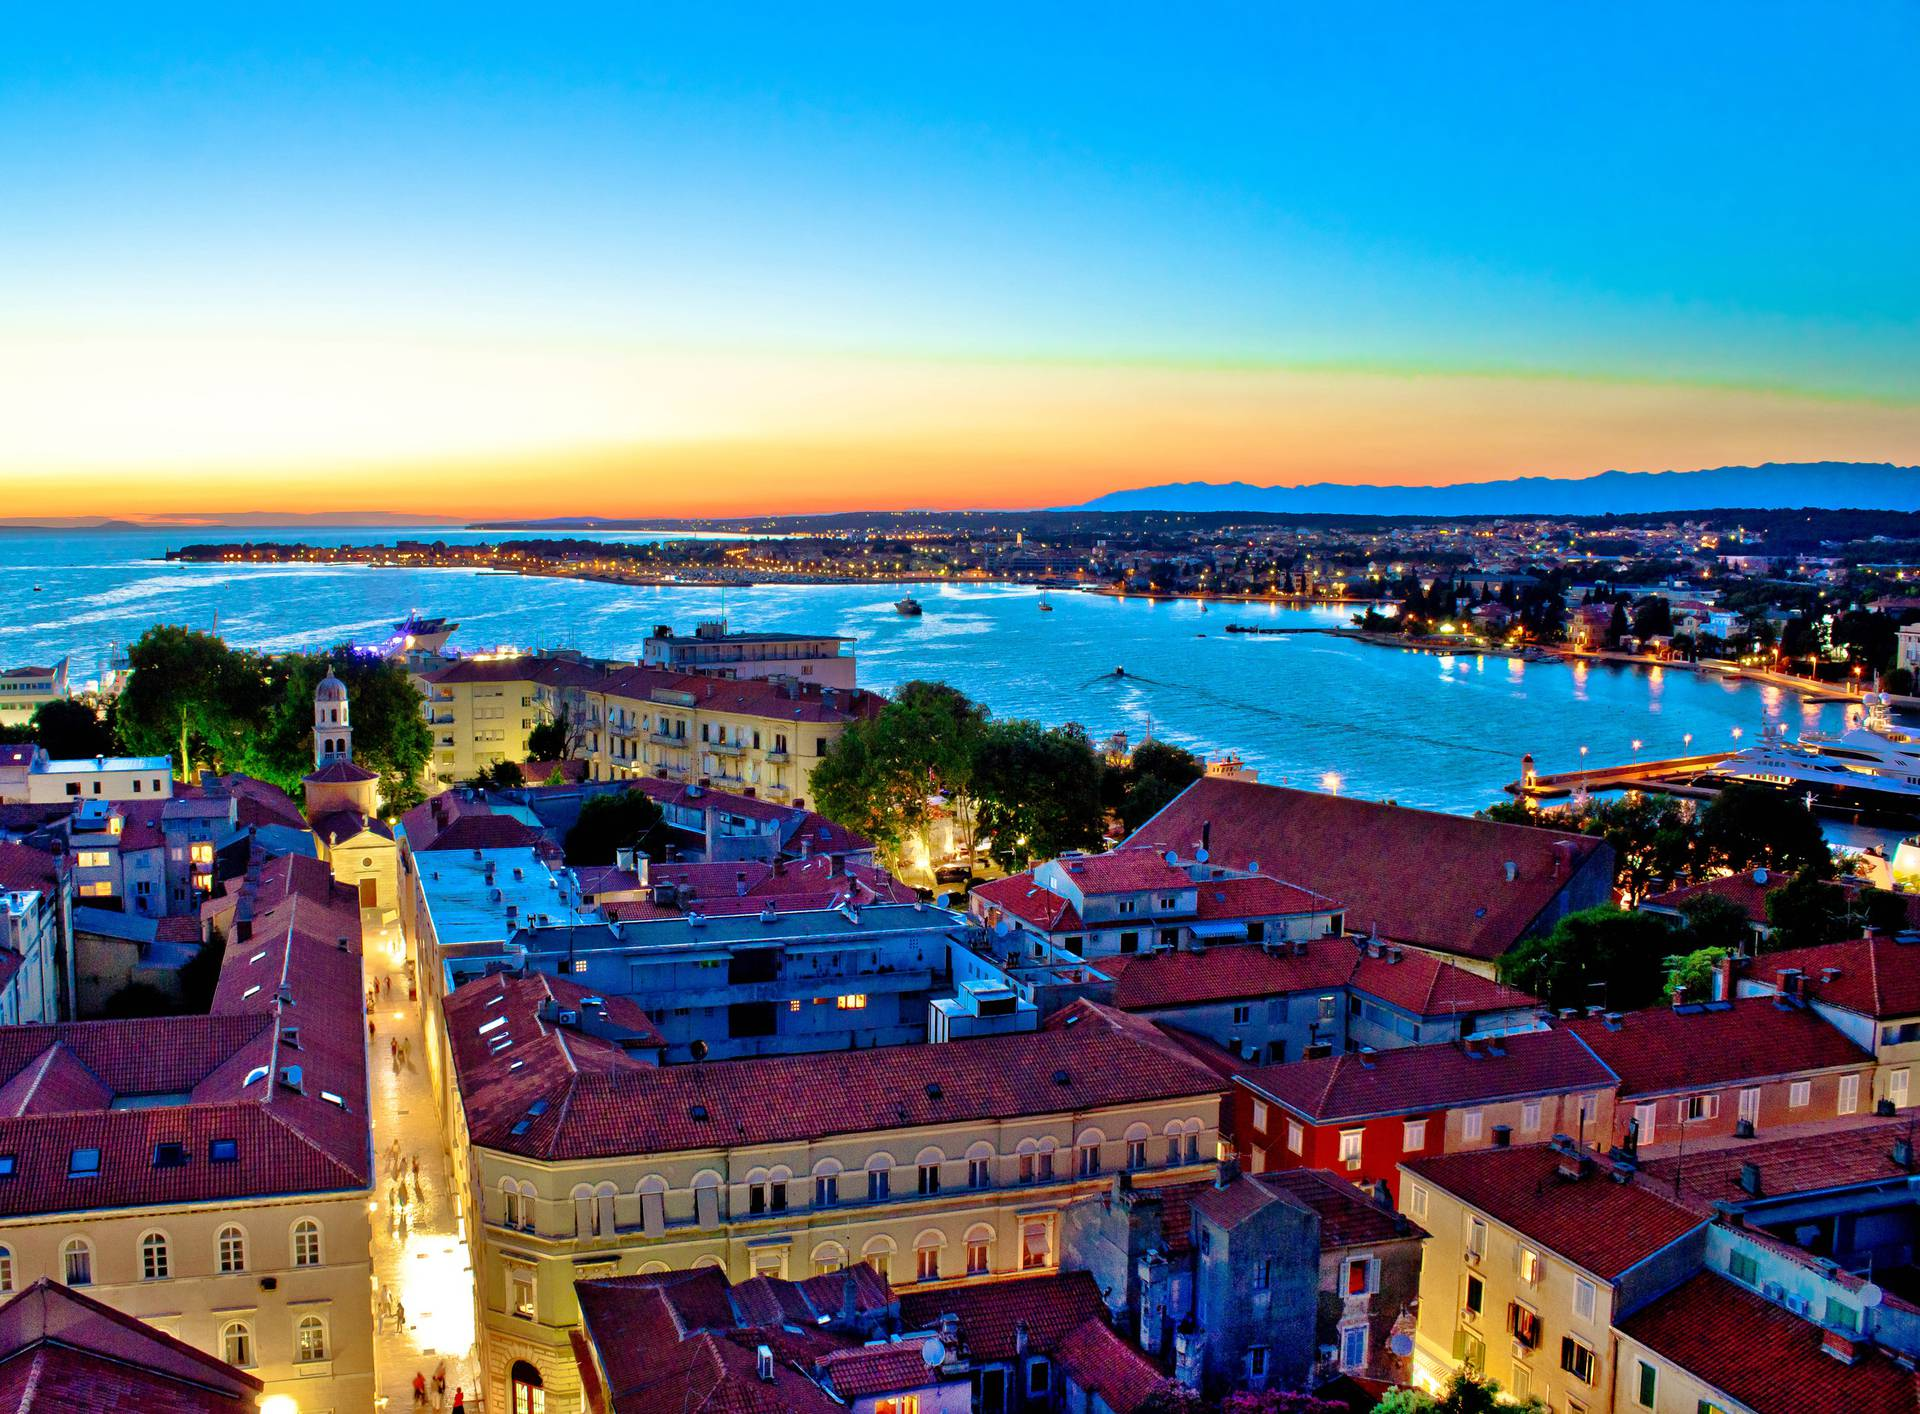 Preporuka New York Timesa: U 2019. morate posjetiti Zadar